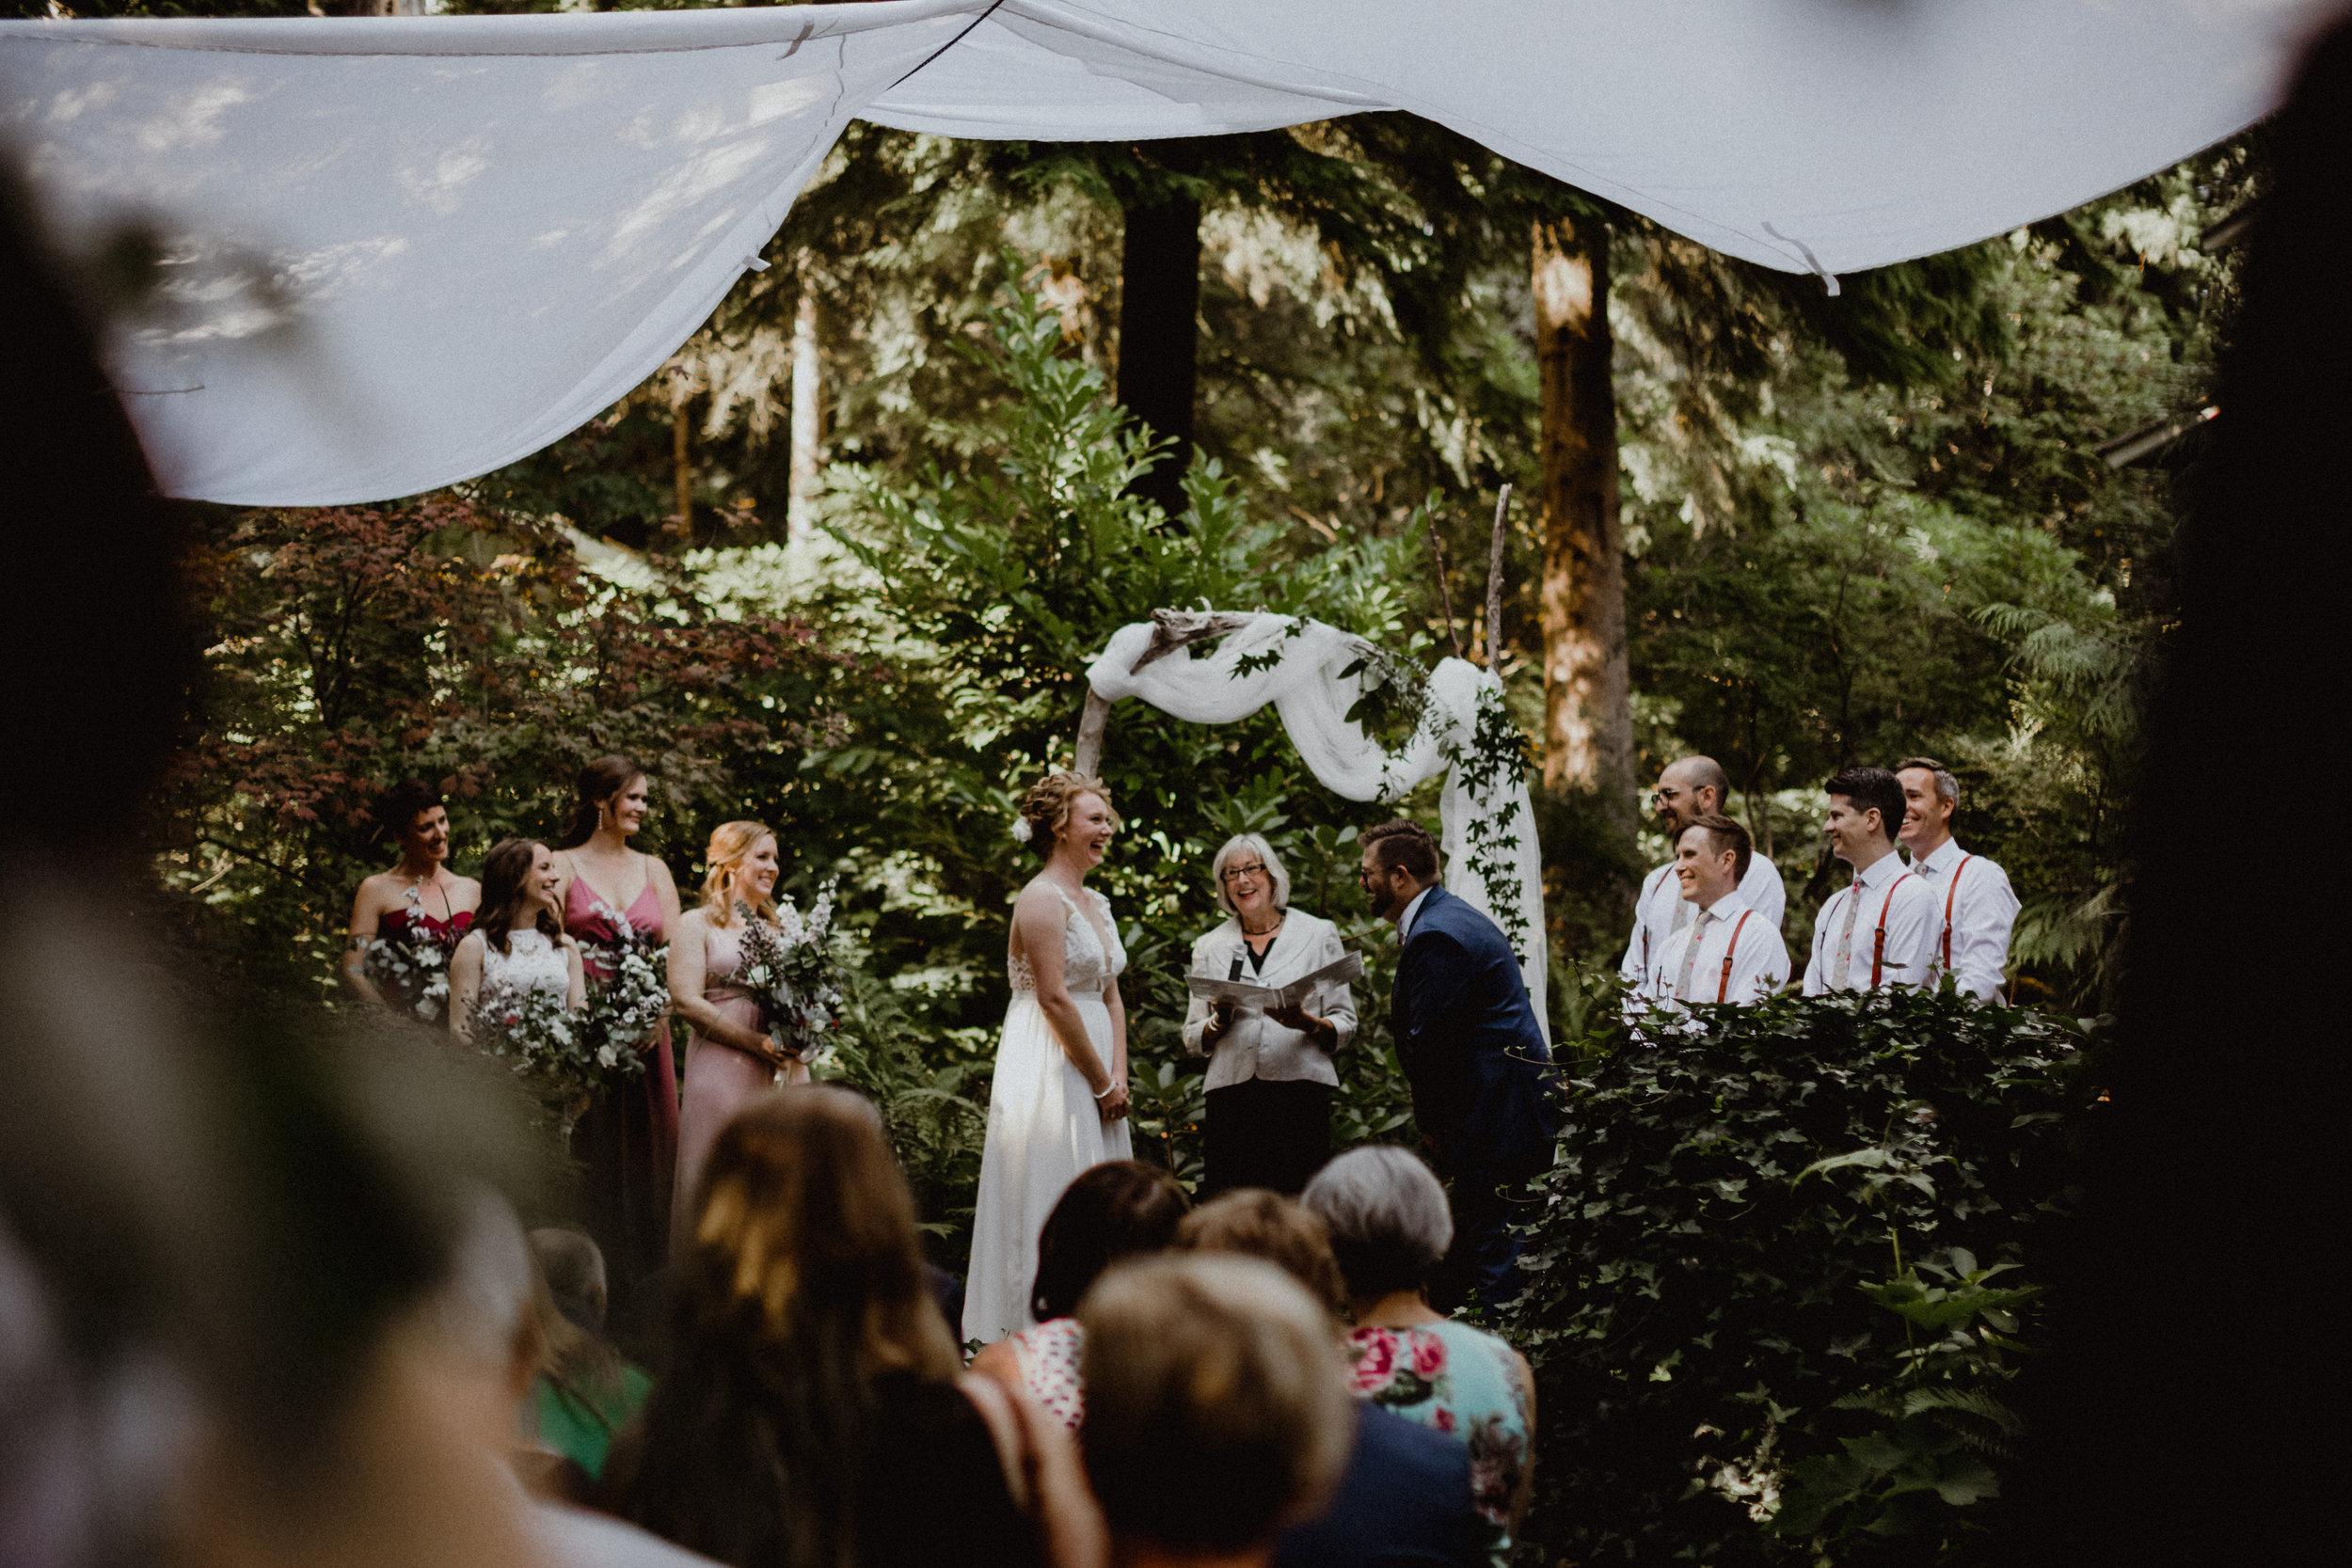 west-vancouver-backyard-wedding-98.jpg